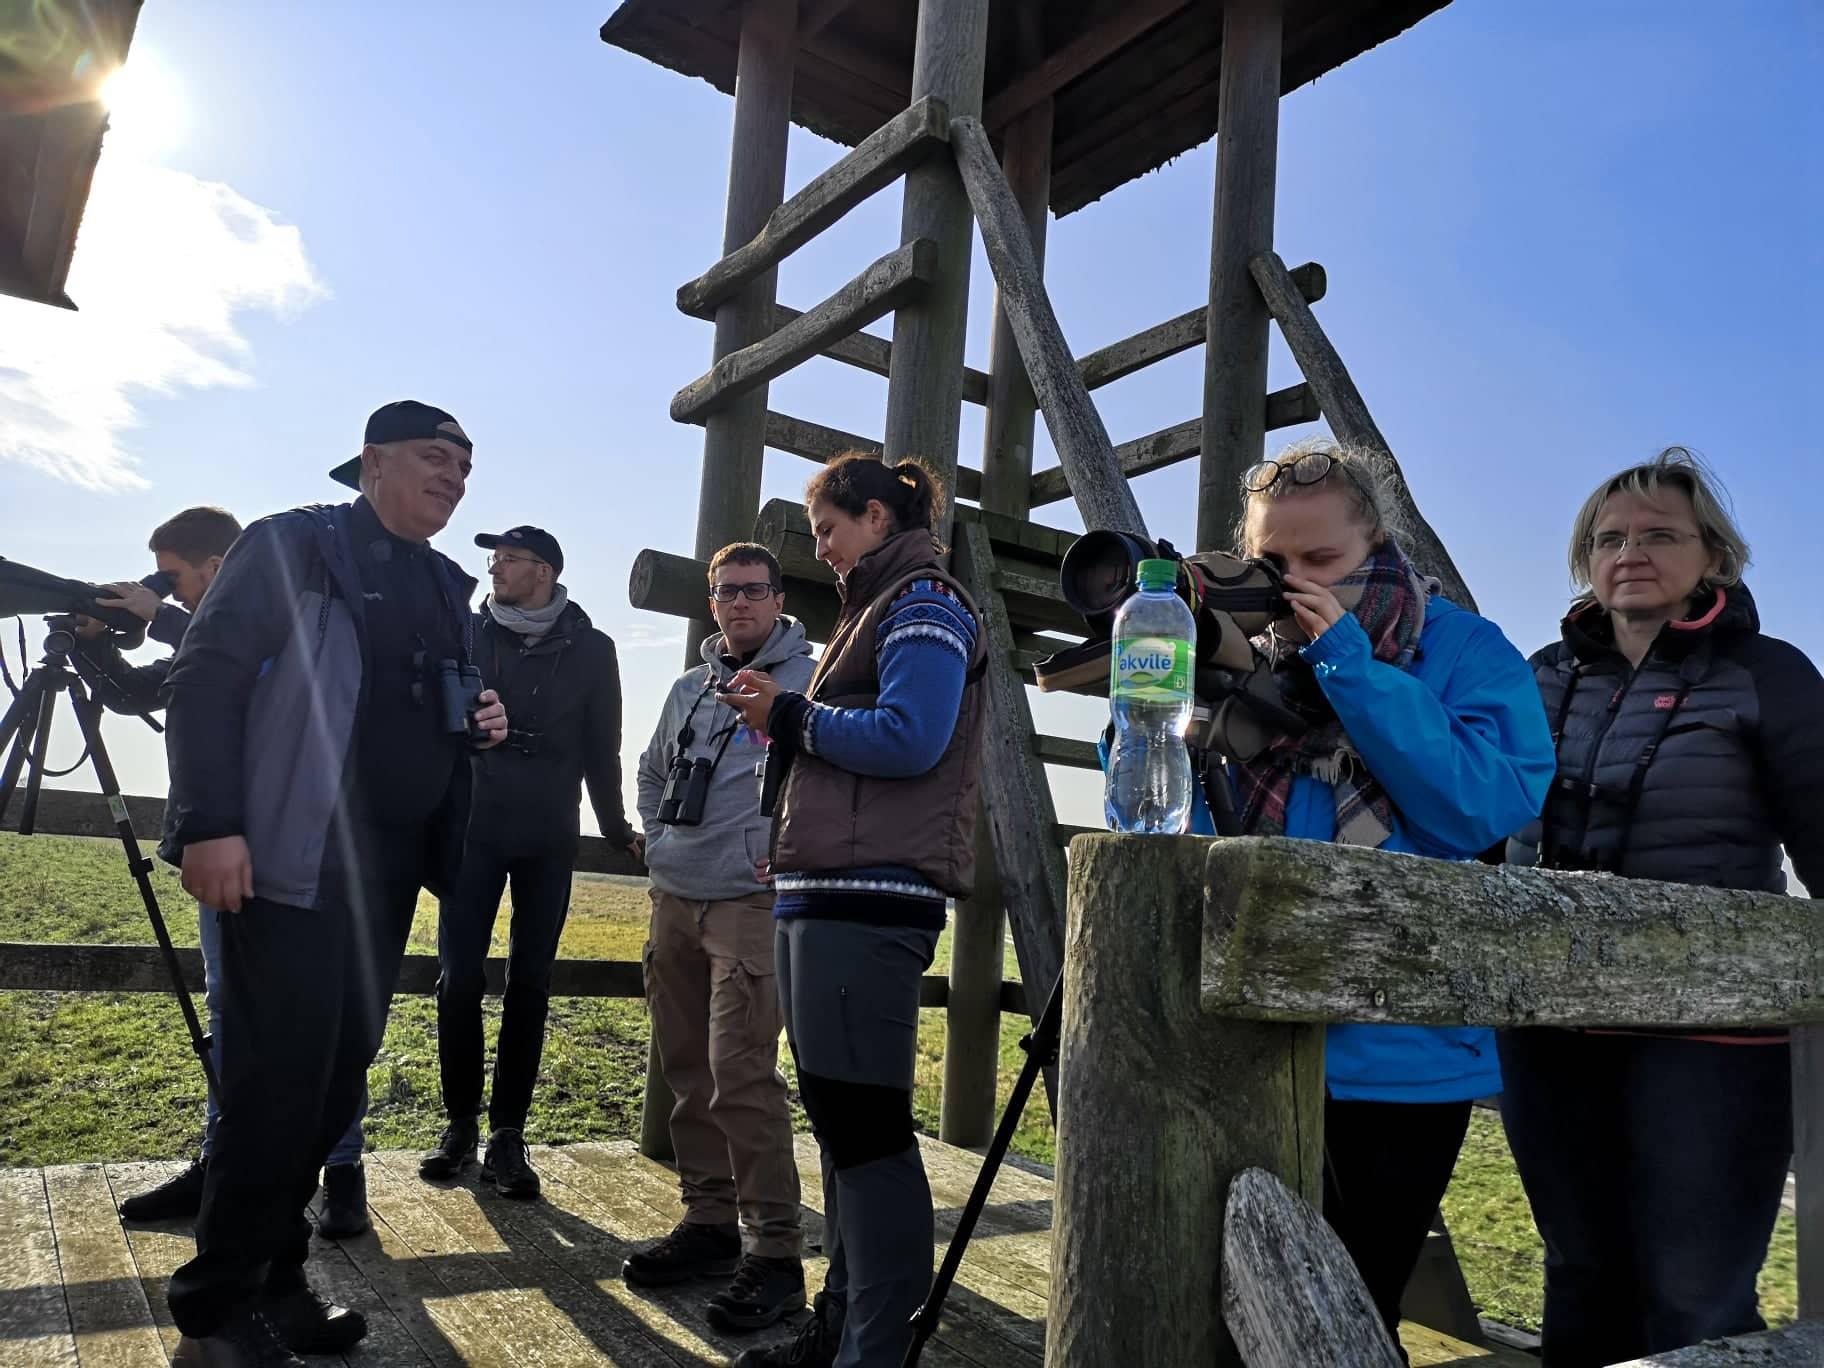 Lietuviai atranda naują, užsienyje jau seniai populiarų hobį: buvimas gamtoje gali būti kitoks